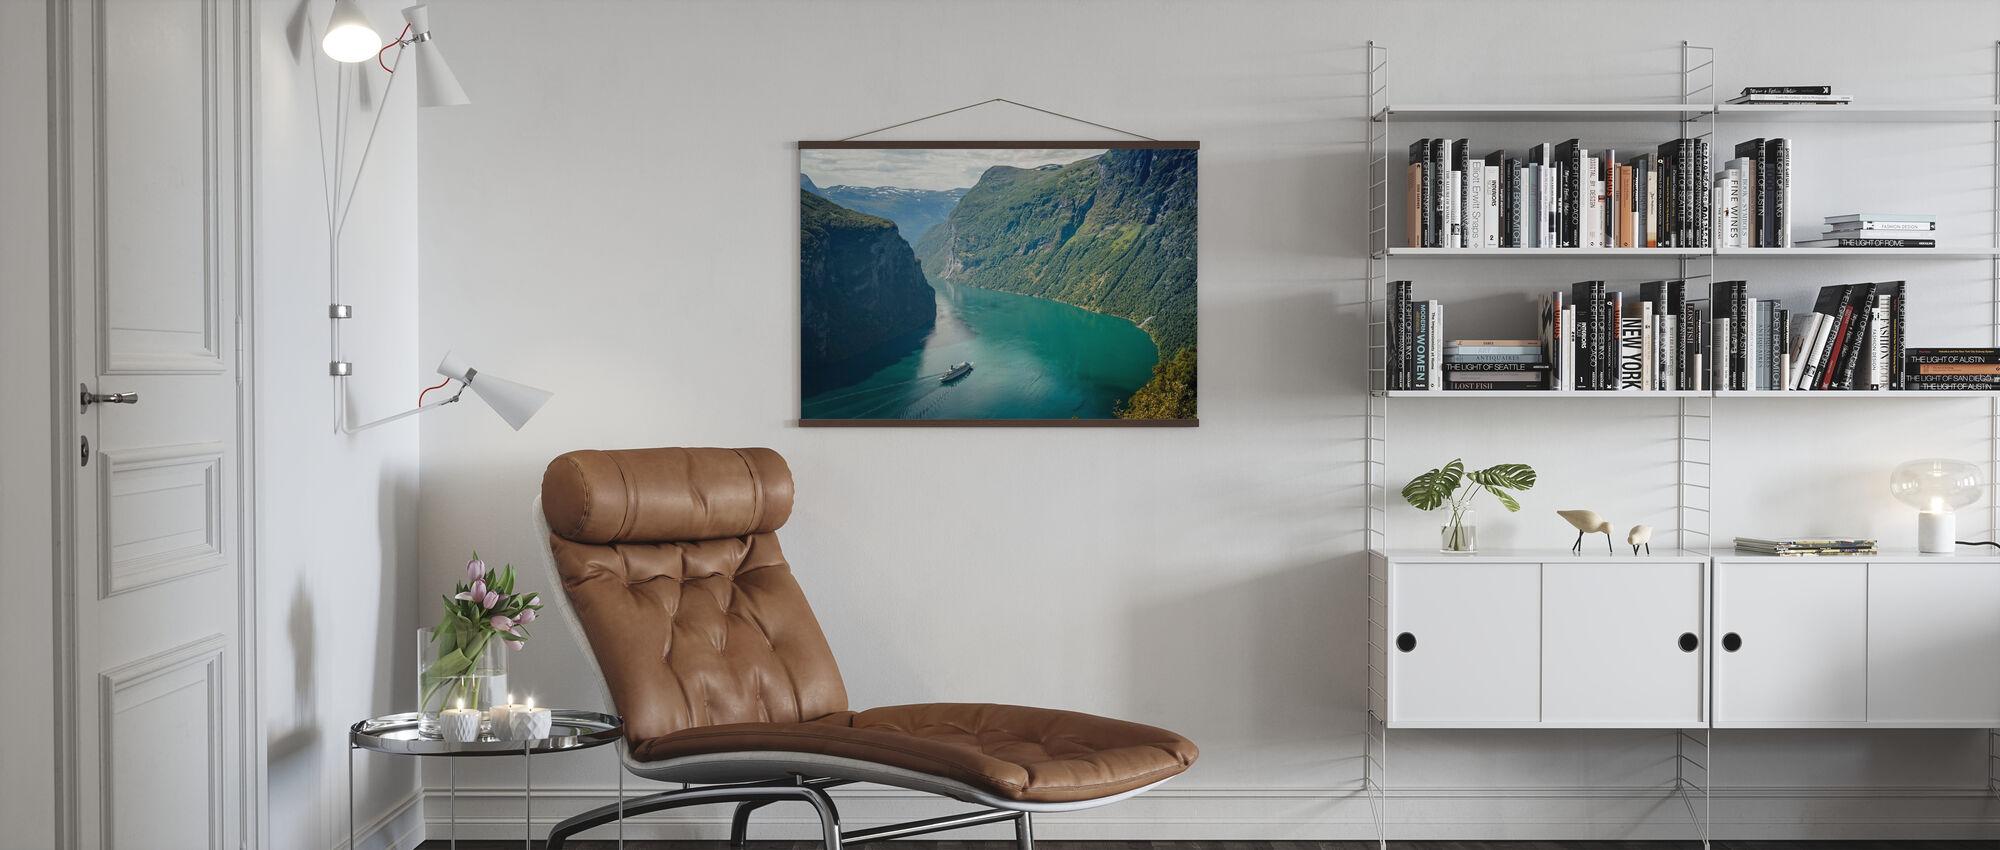 Grünes Wasser des Geirangerfjord, Norwegen - Poster - Wohnzimmer